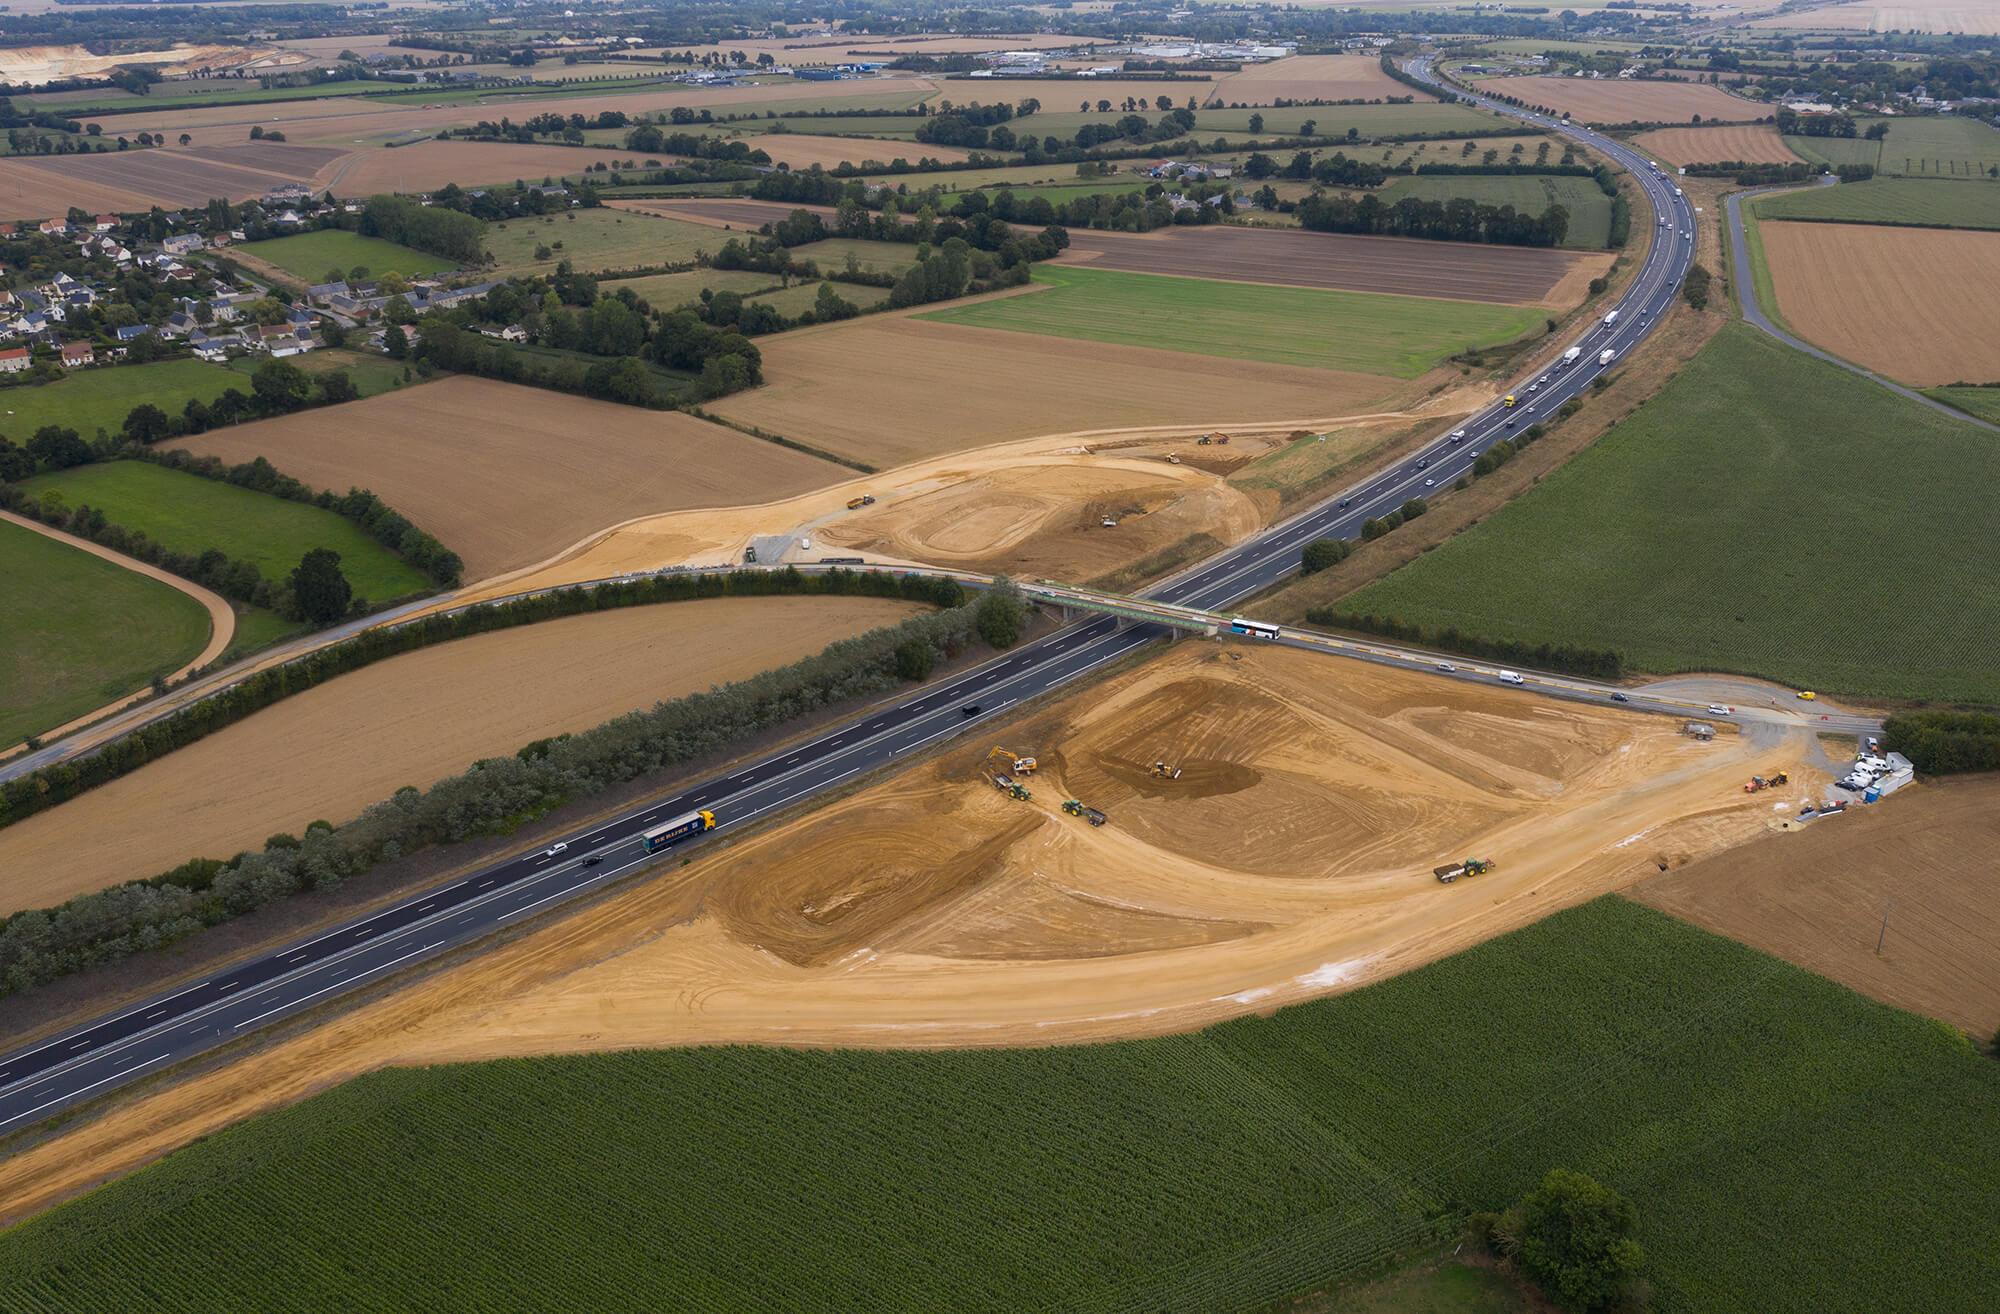 Mastell chantier Monceaux en Bessin sept 2019 (10)